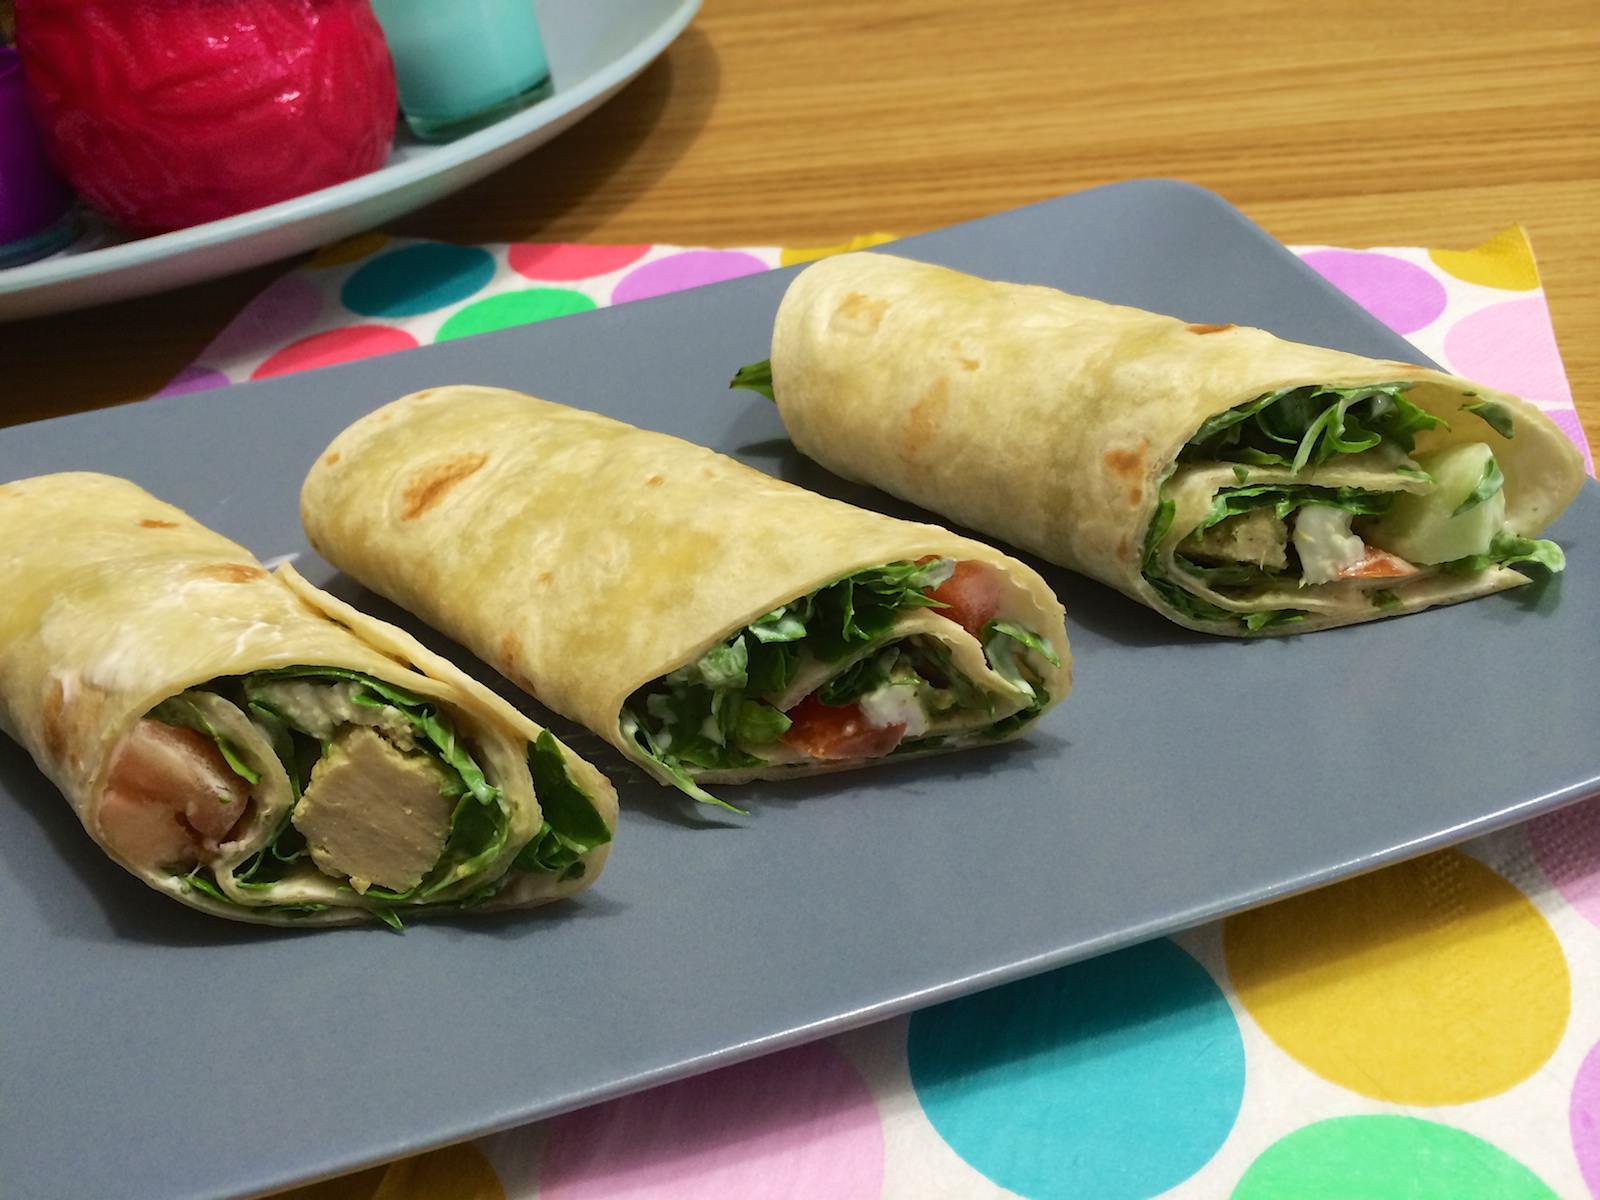 Extreem Koude vegetarische pesto-wraps met komkommer en mozzarella CQ07